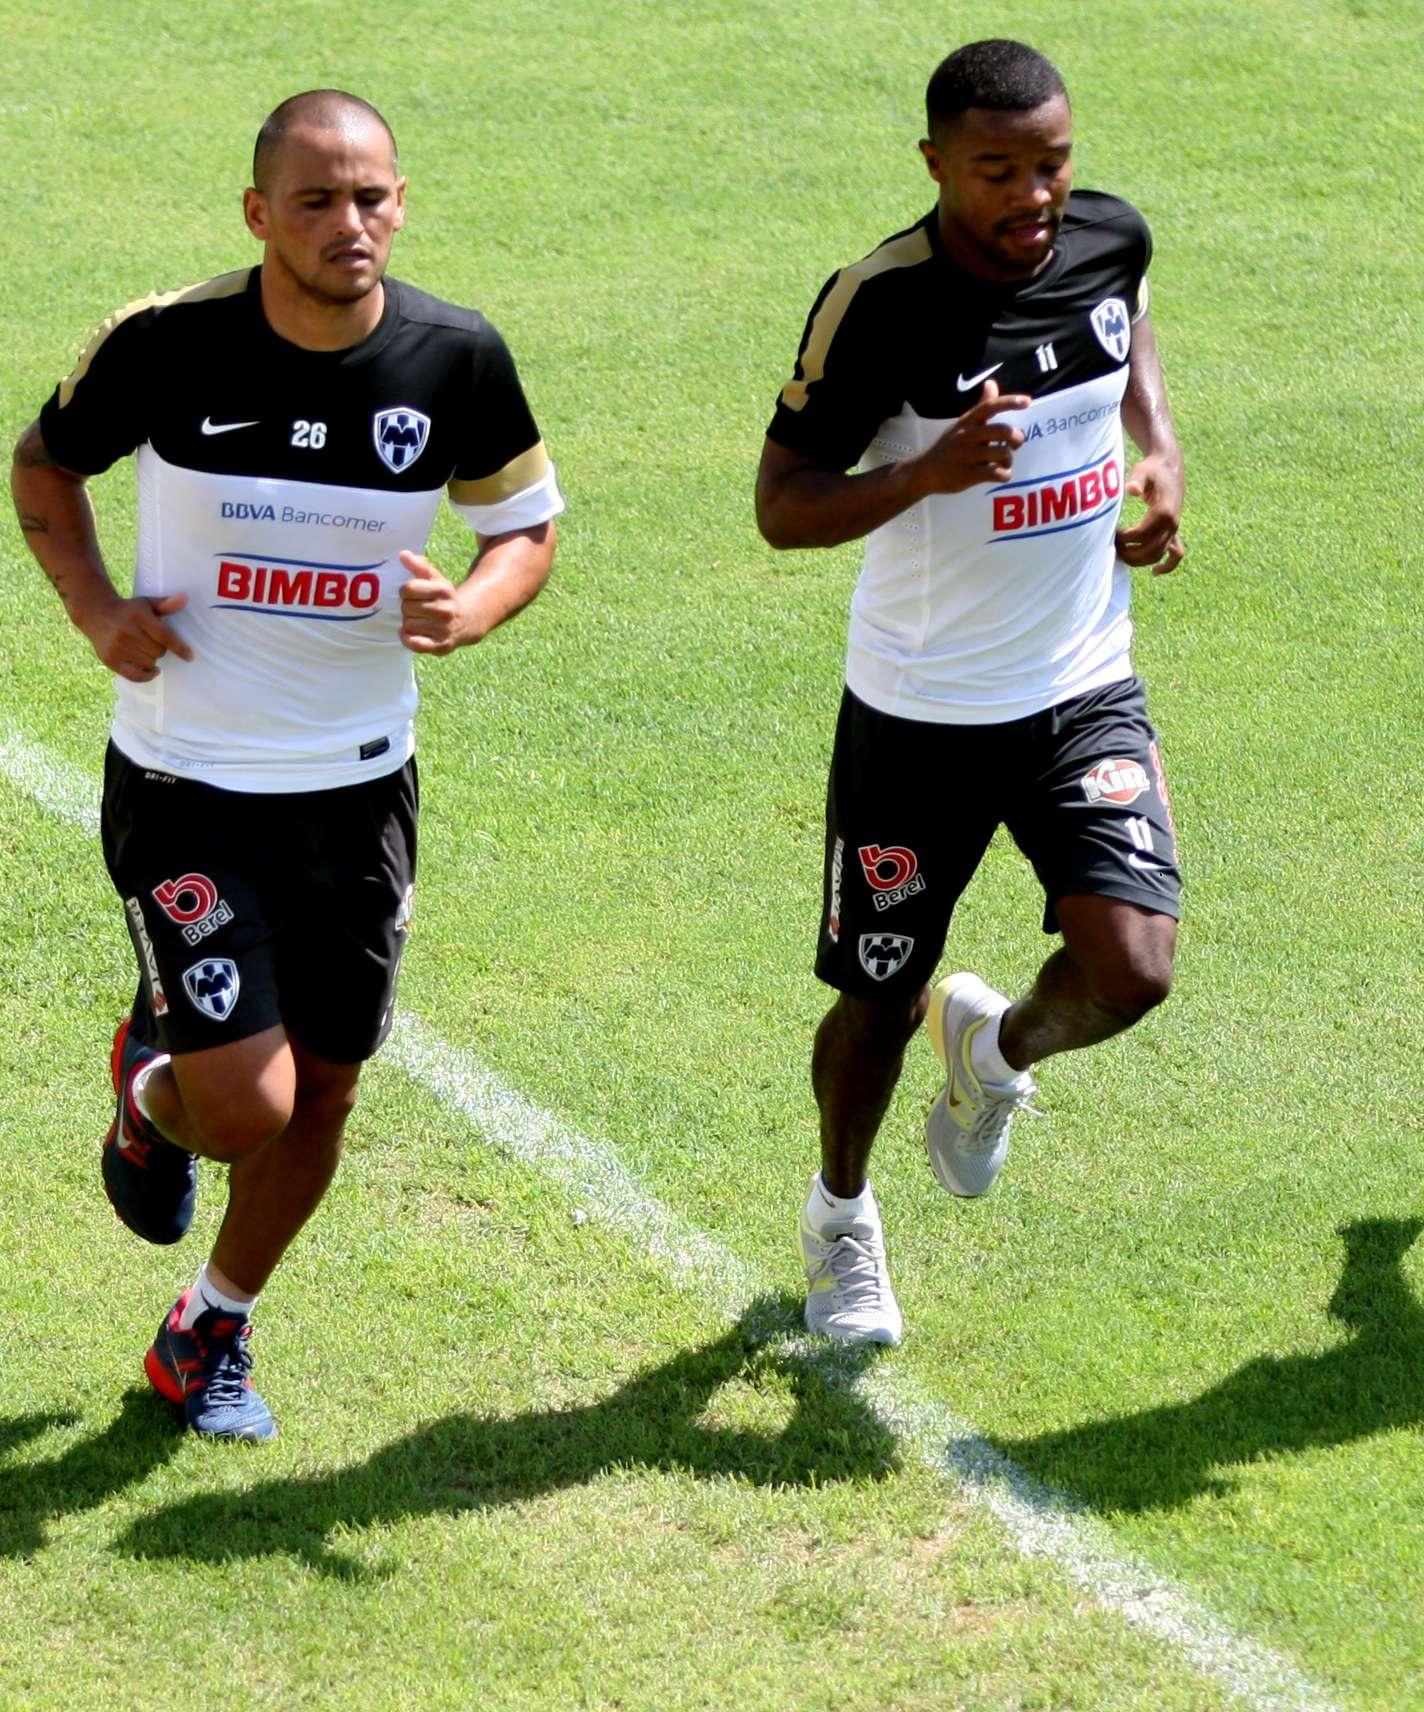 Humberto Suazo suma dos goles en el Apertura, por siete de Dorlan Pabón. Foto: Imago7